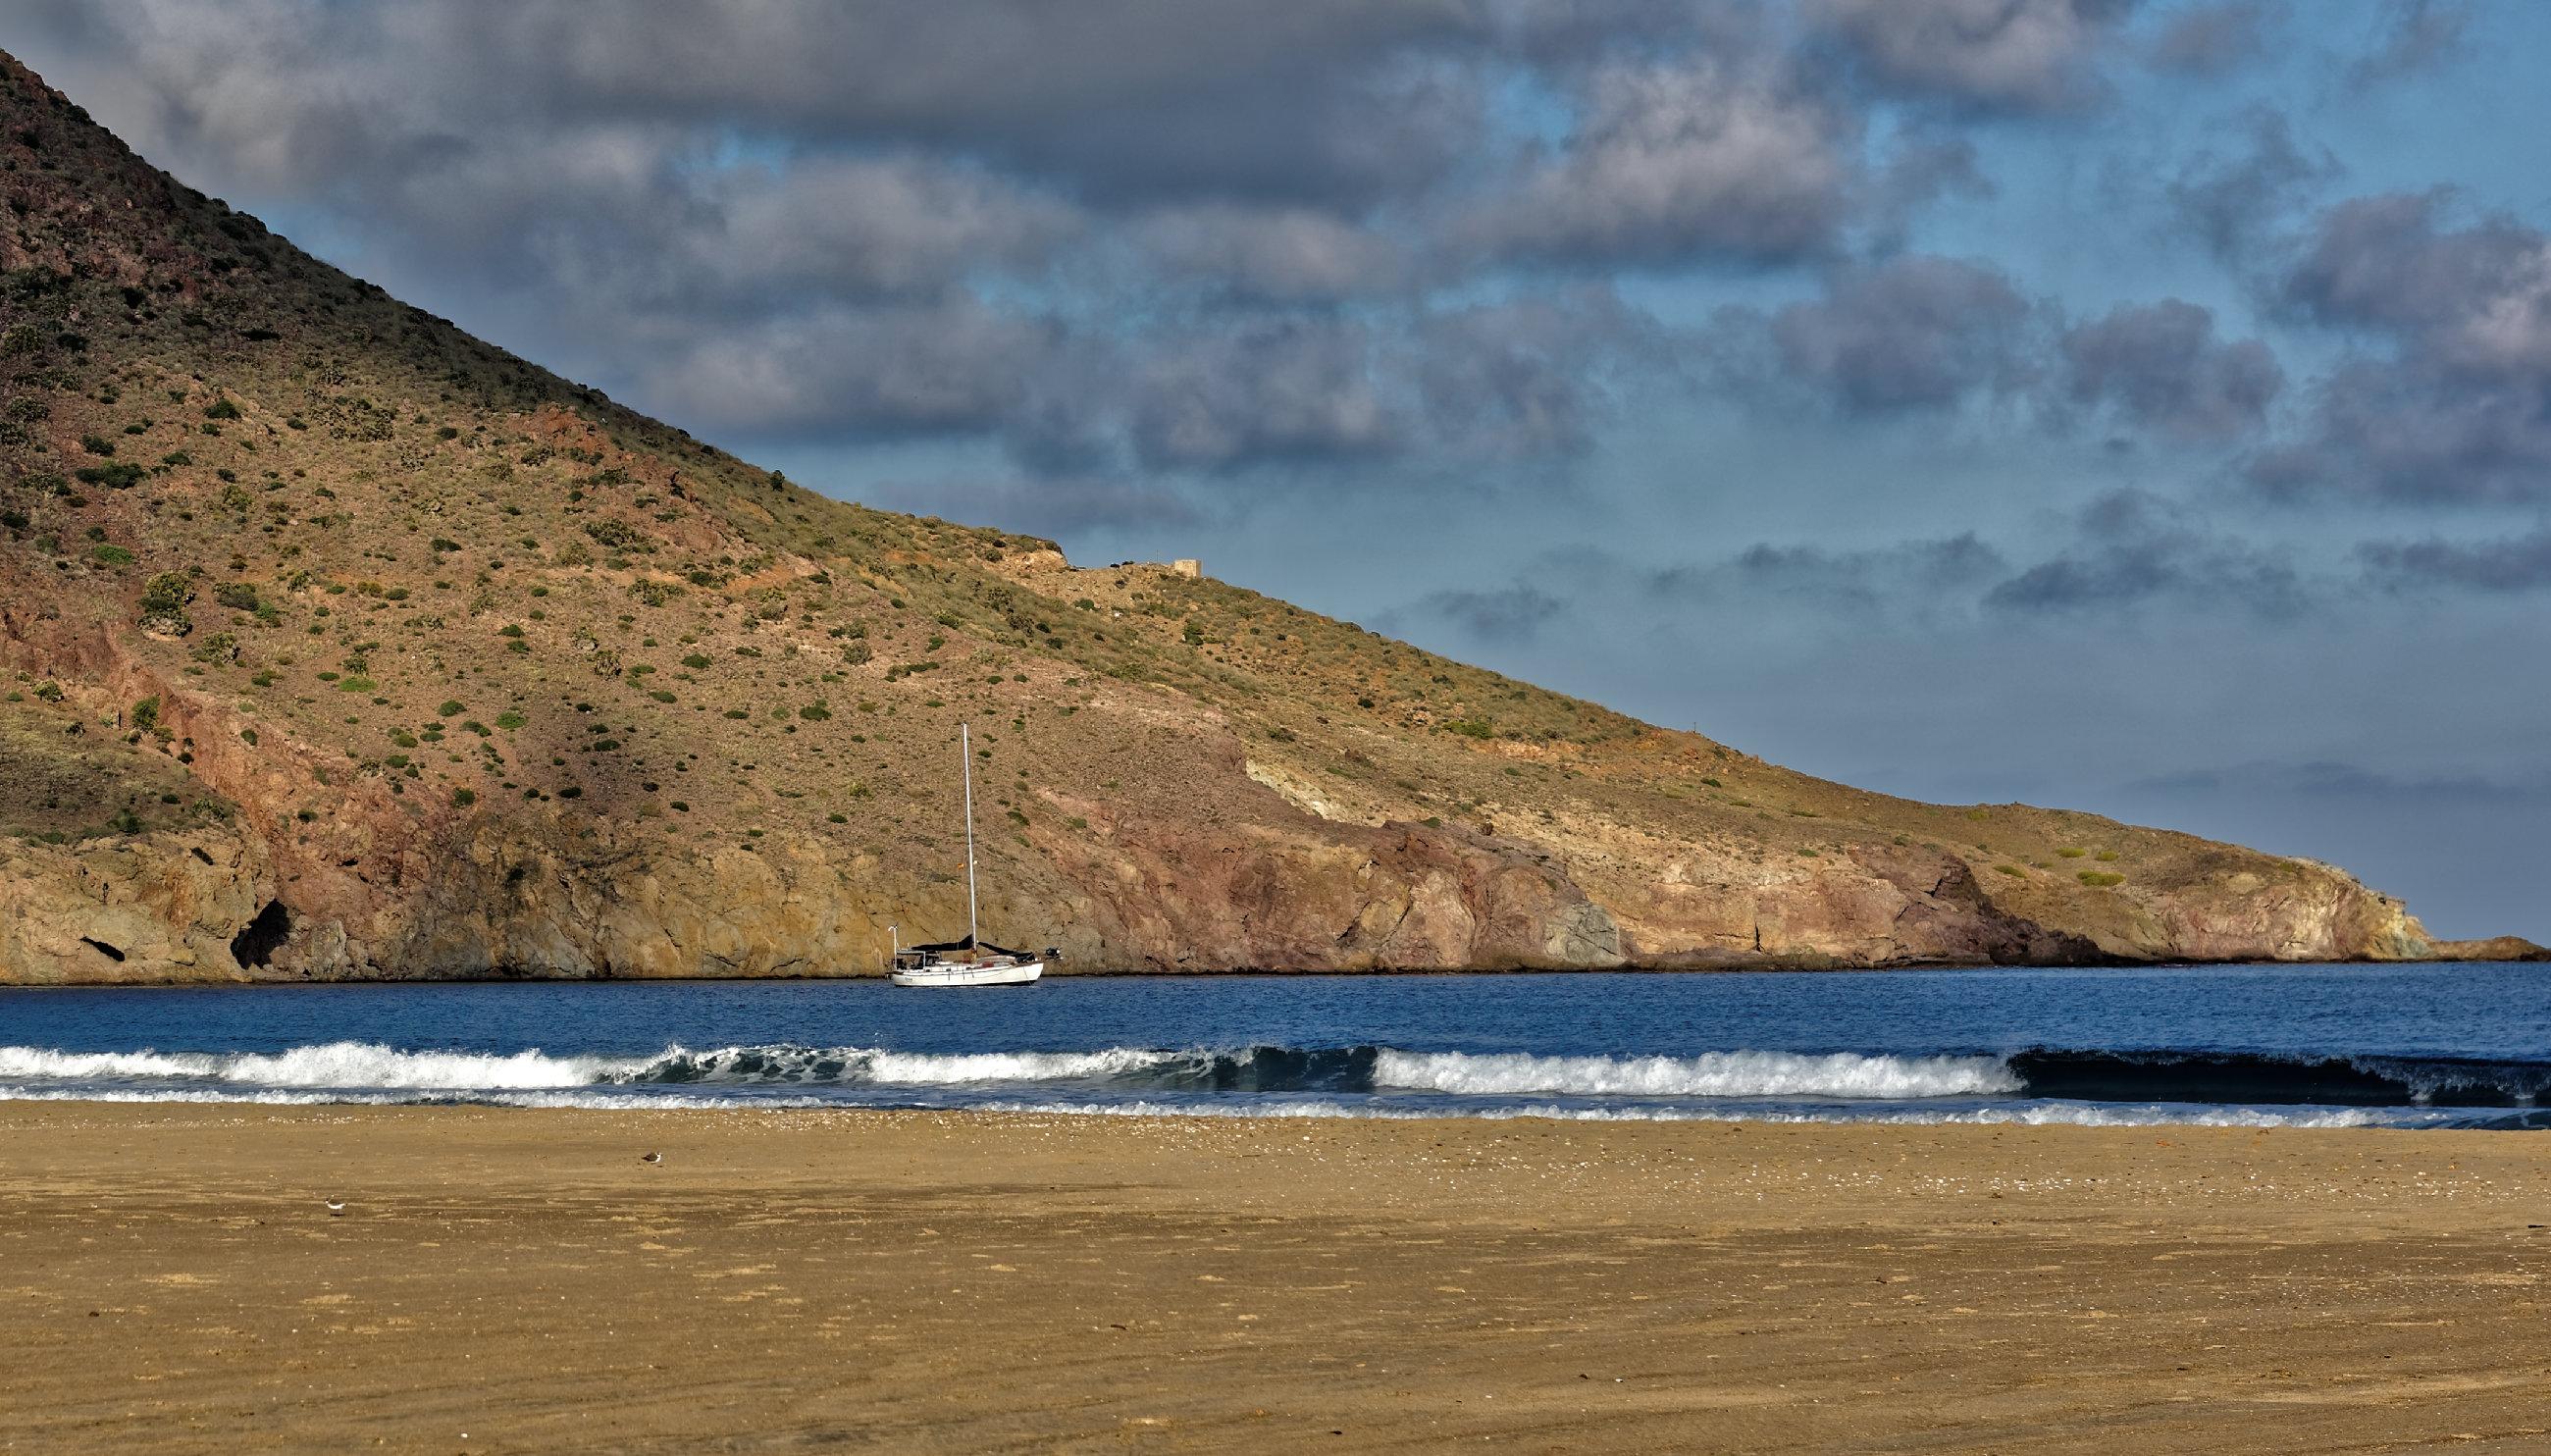 151104-San Jose-Playa de los Genoveses (13)_2